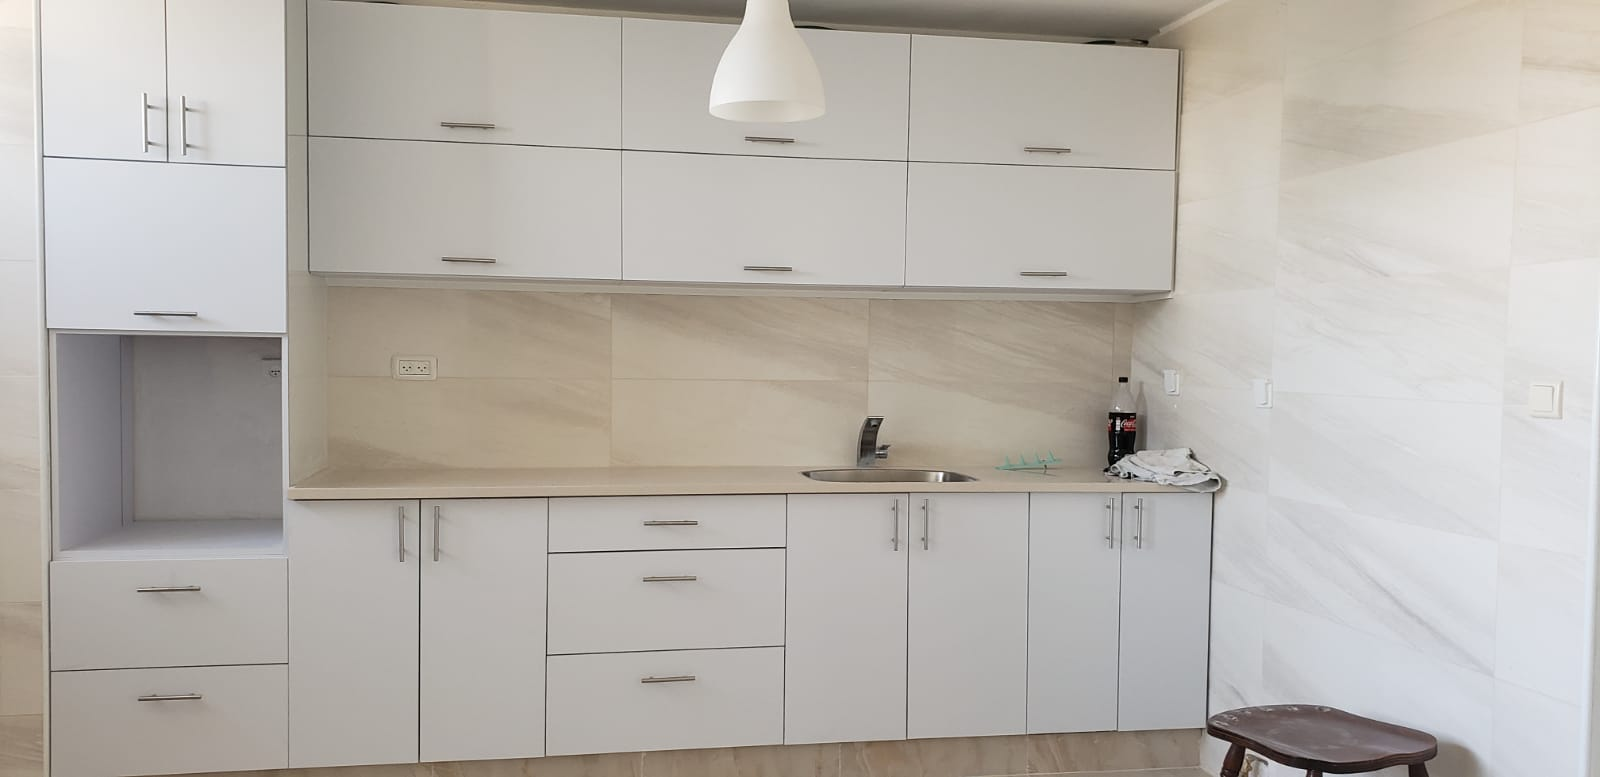 דירה להשכרה 4 חדרים 5,000₪ בחודש, יפו